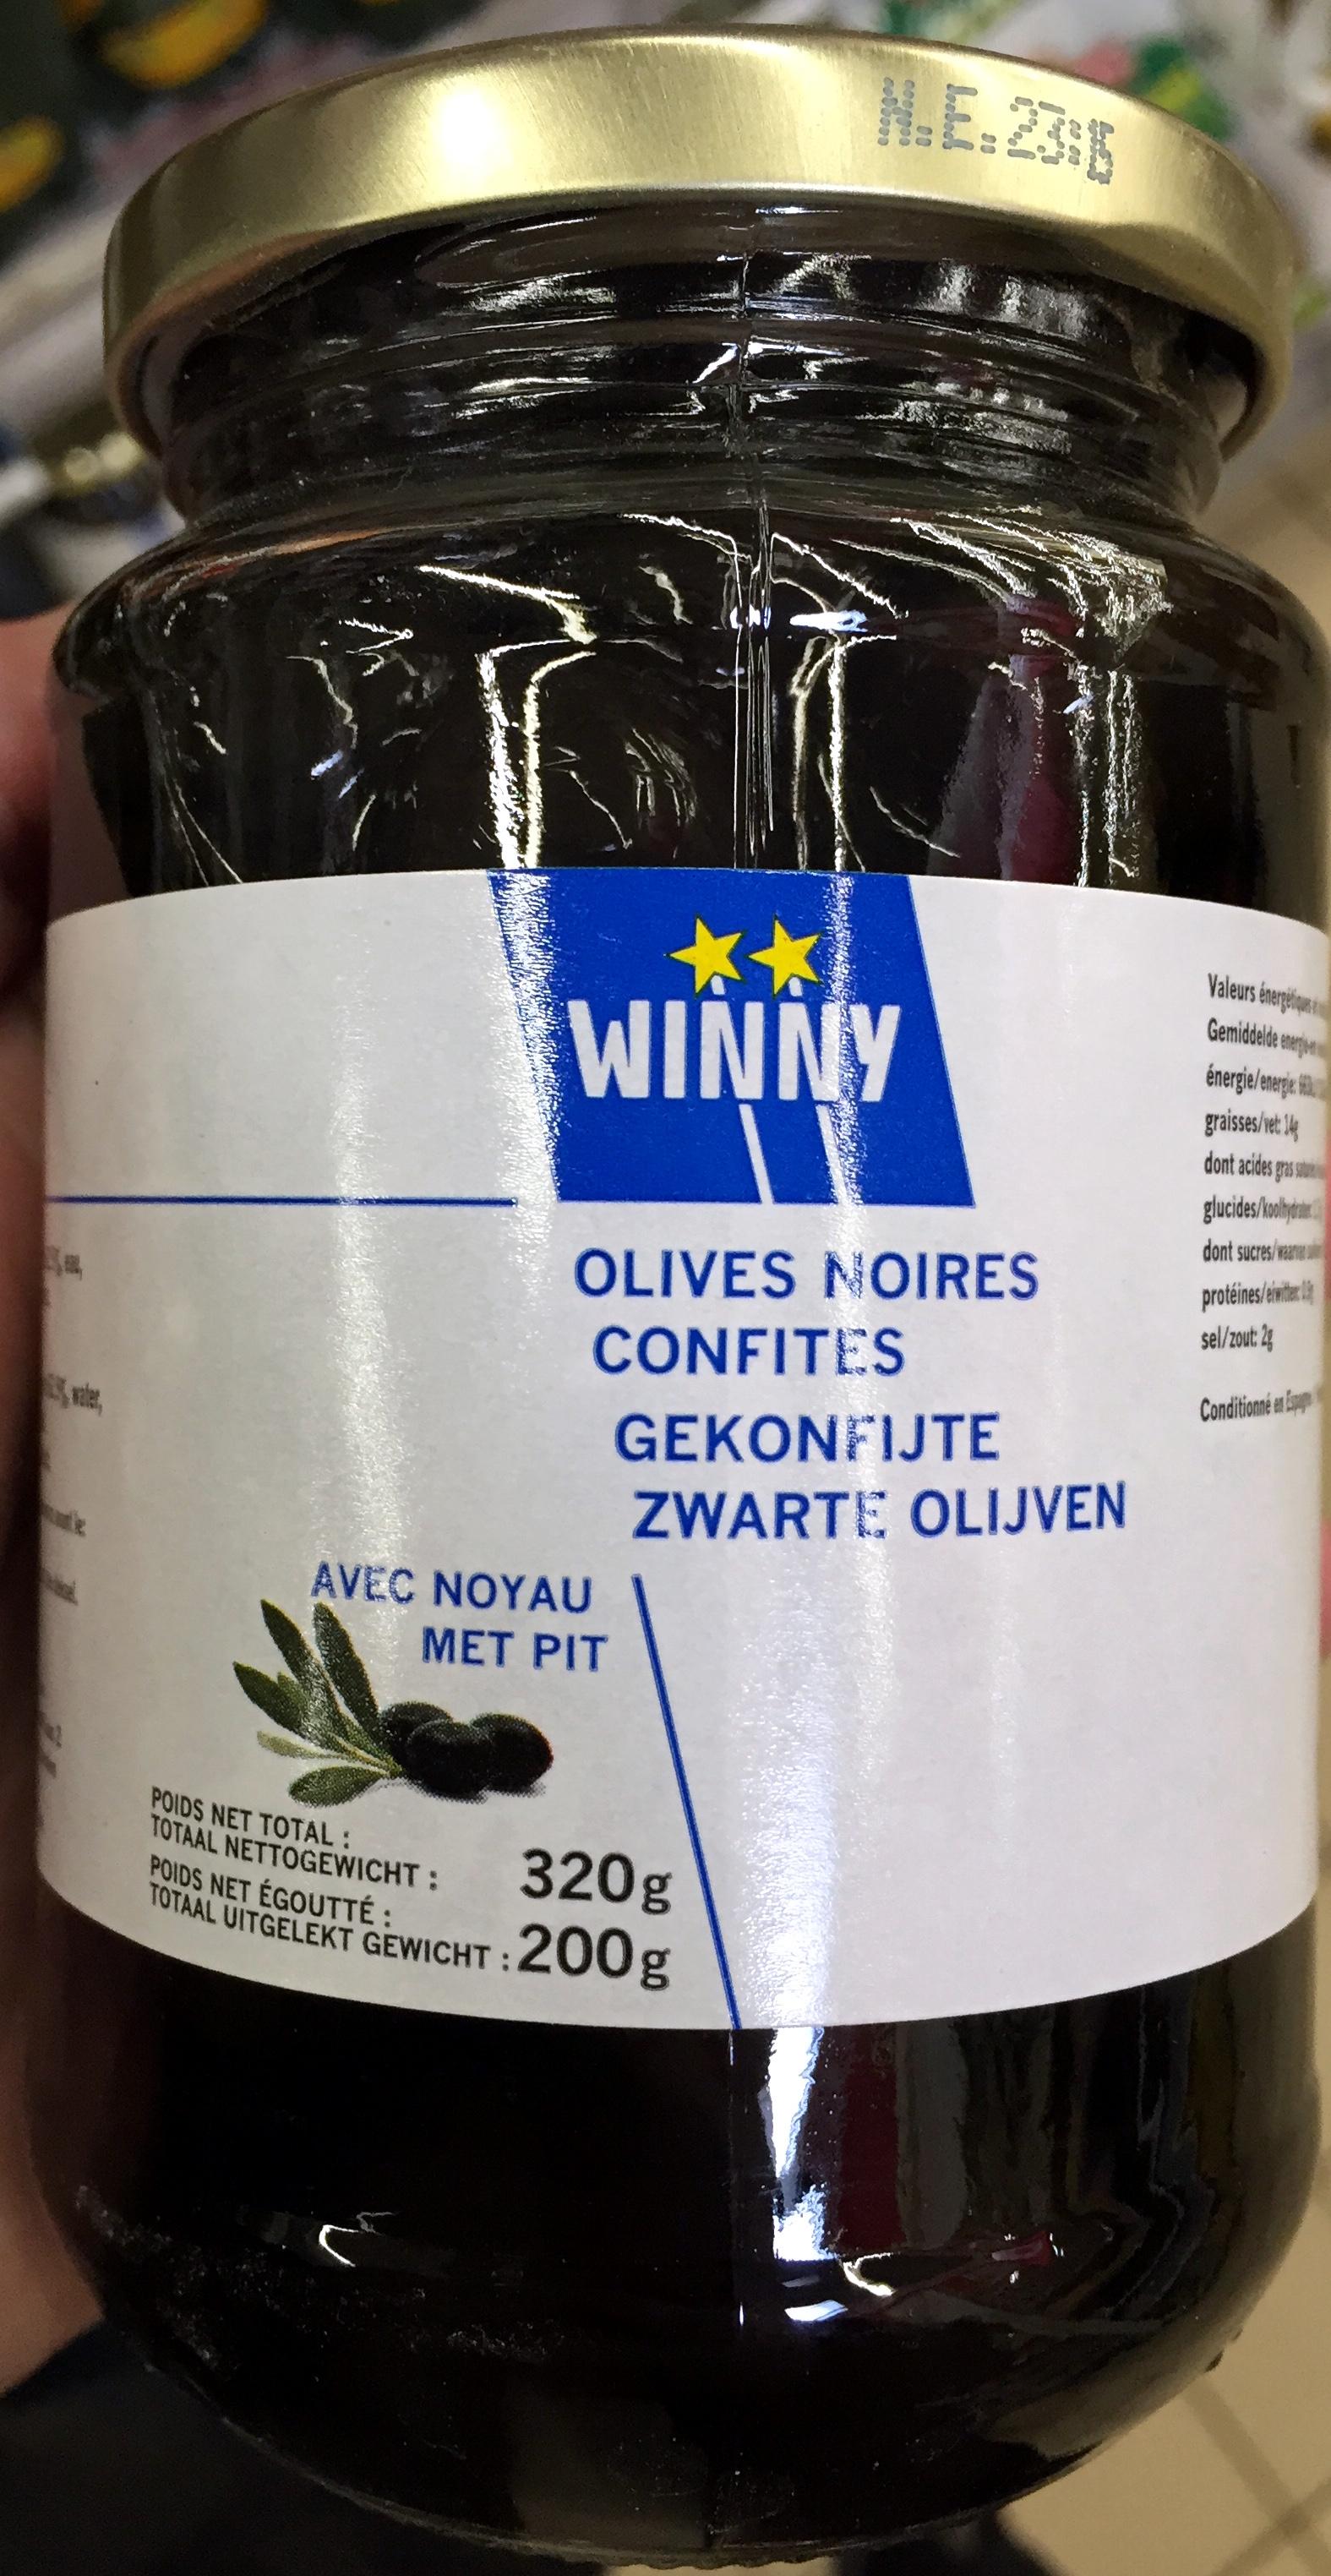 Olives noires confites avec noyau - Product - fr